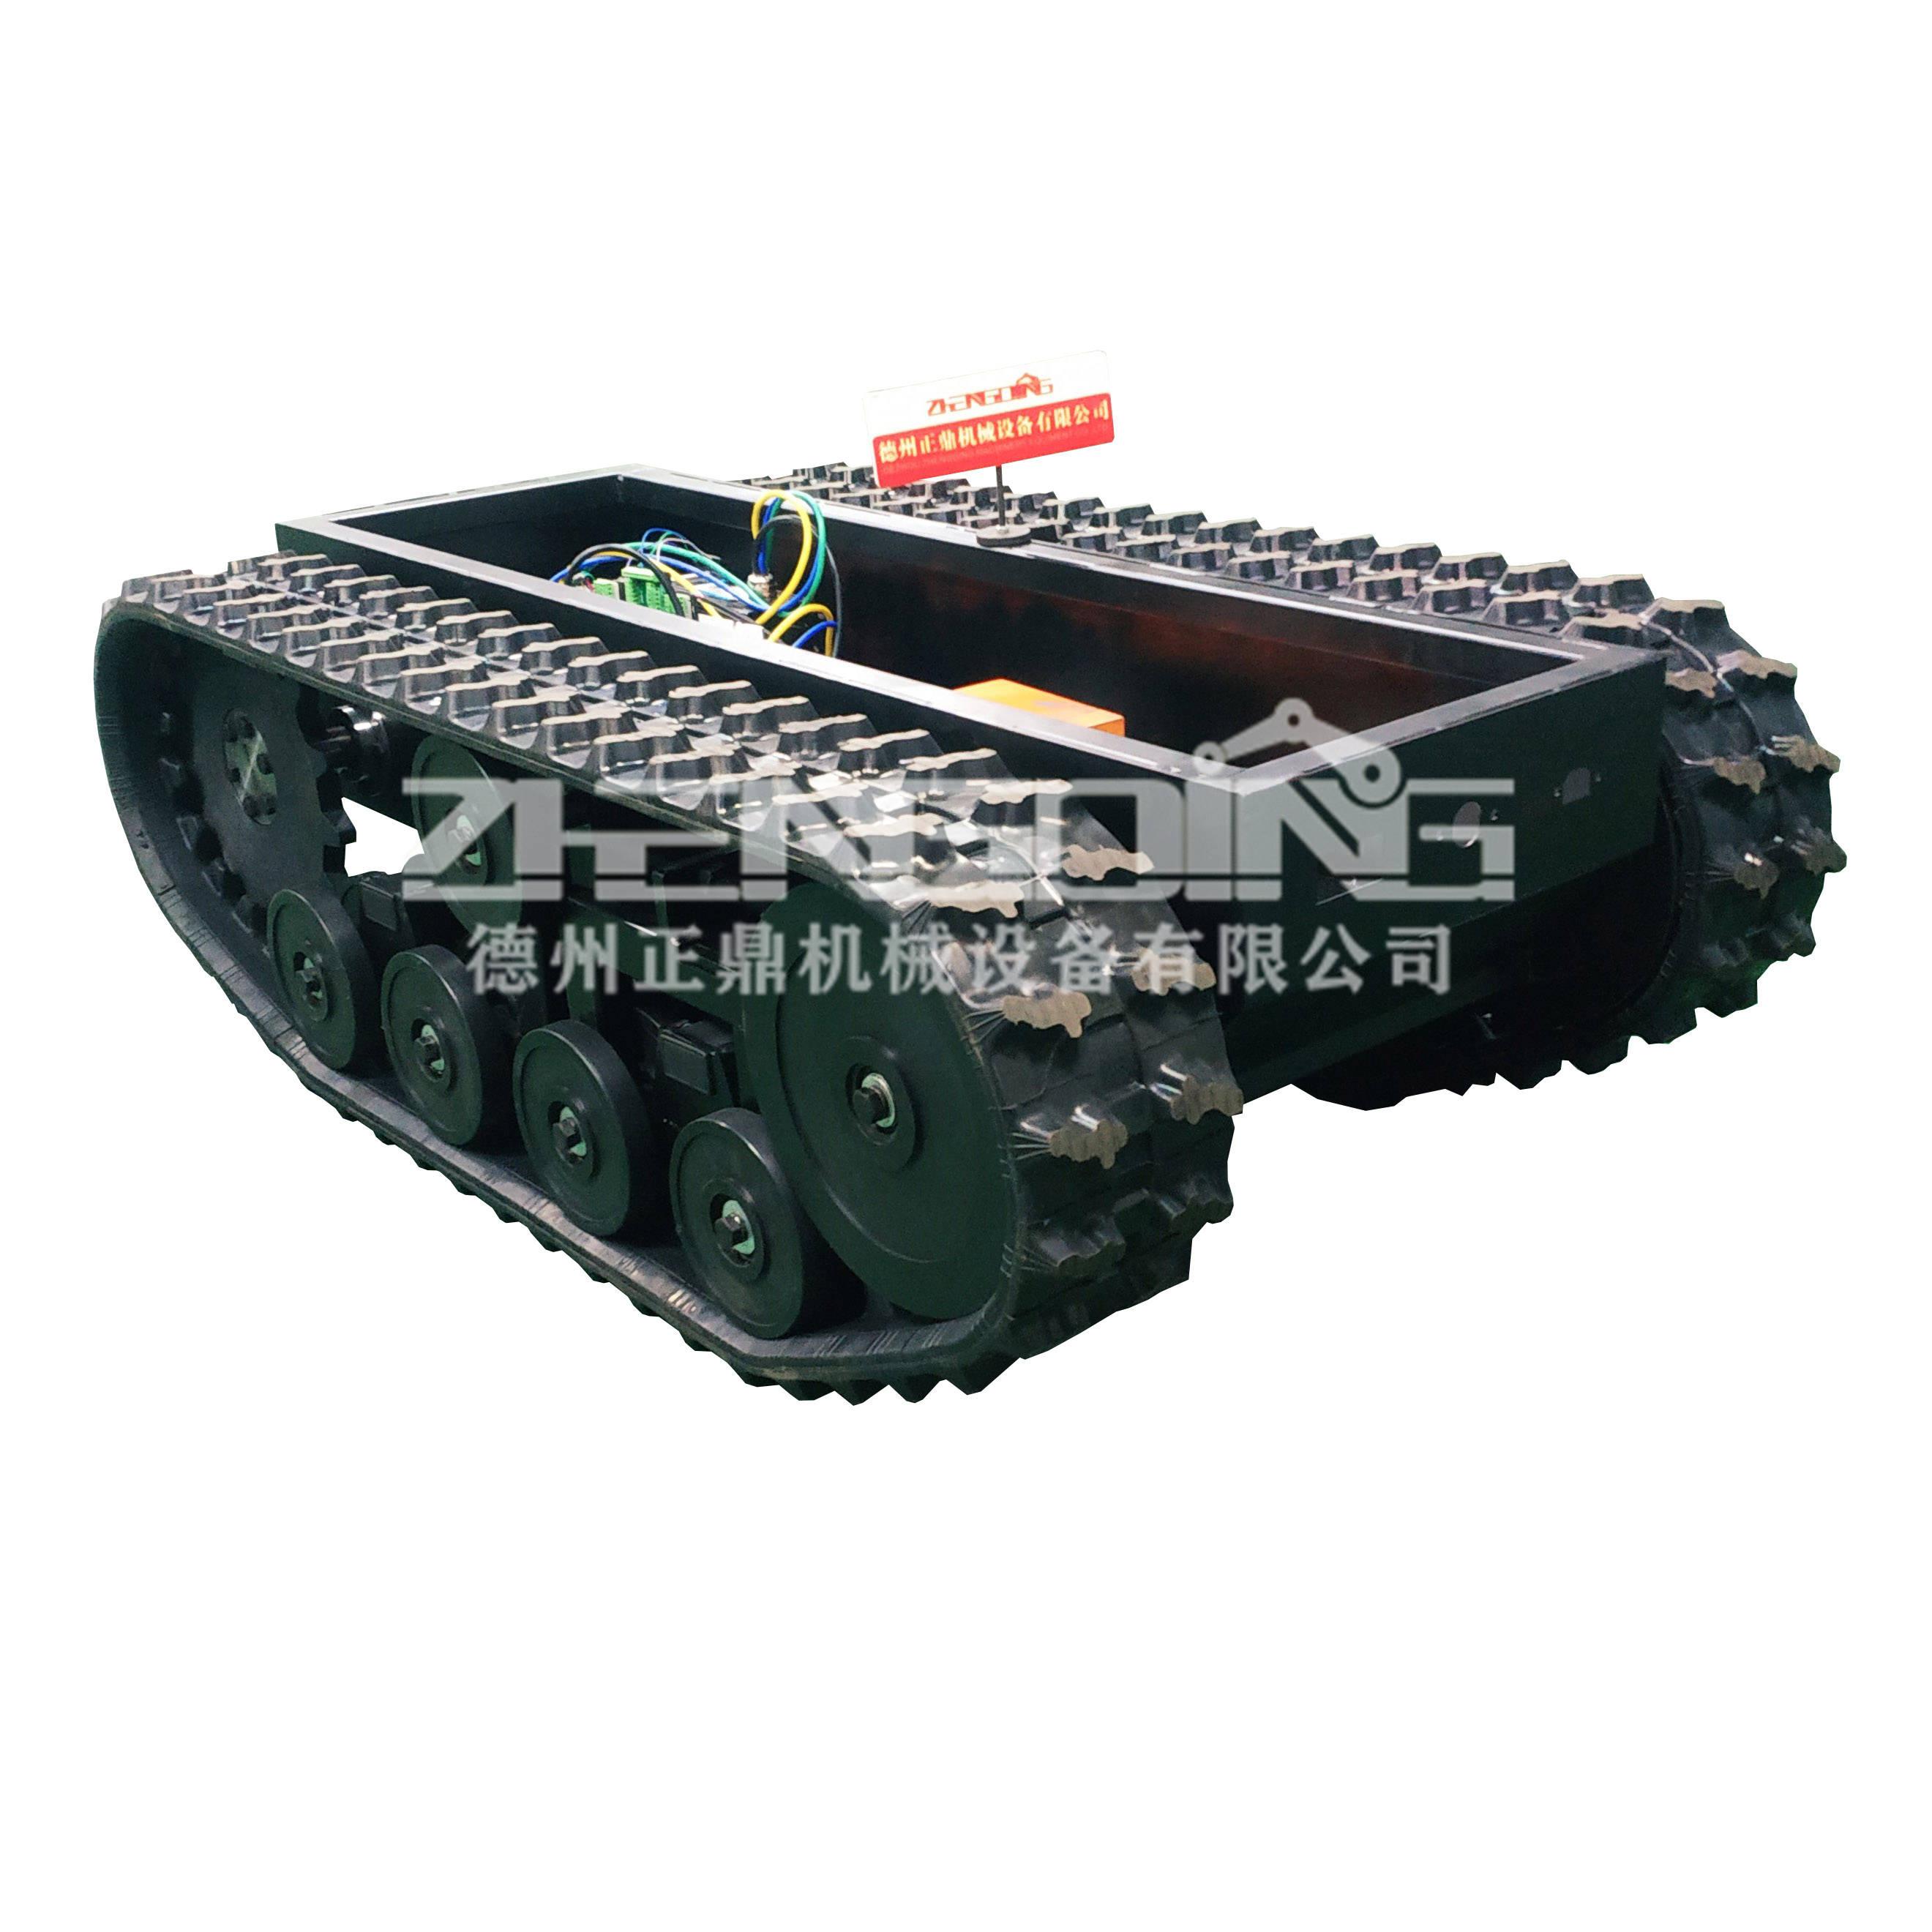 ZDDP-LW-150橡胶履带底盘